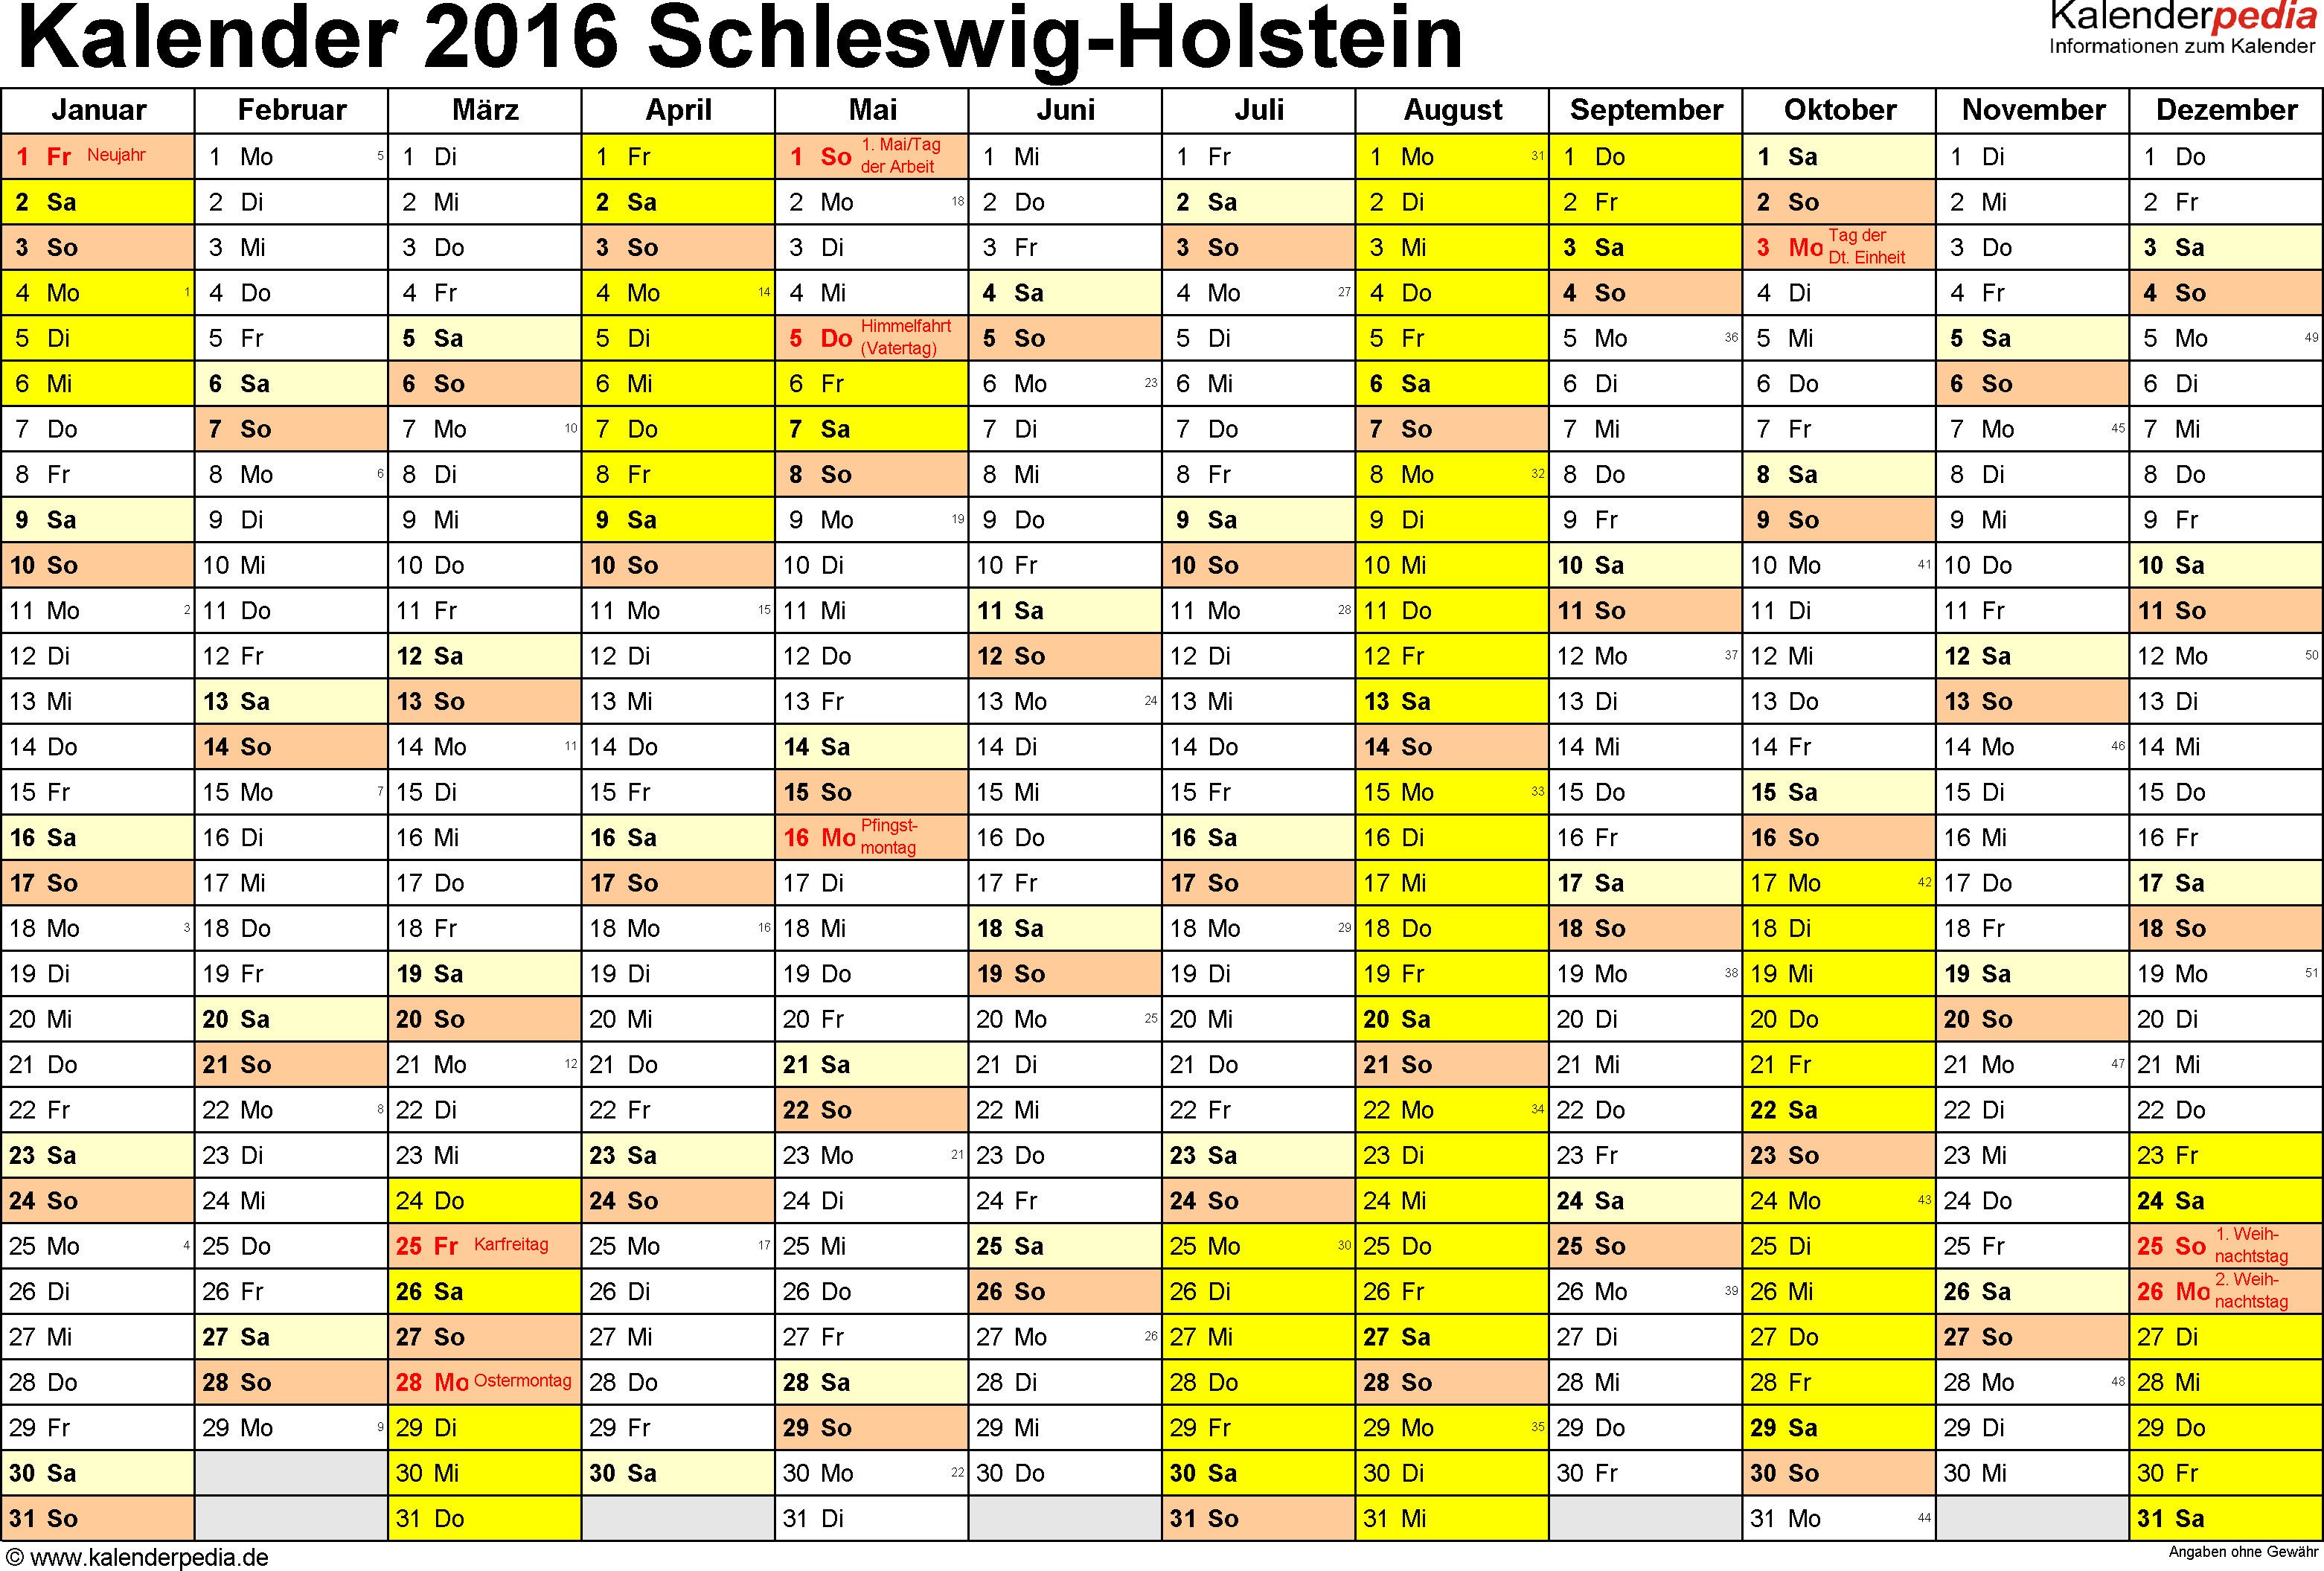 Vorlage 1: Kalender 2016 für Schleswig-Holstein als Excel-Vorlage (Querformat, 1 Seite)